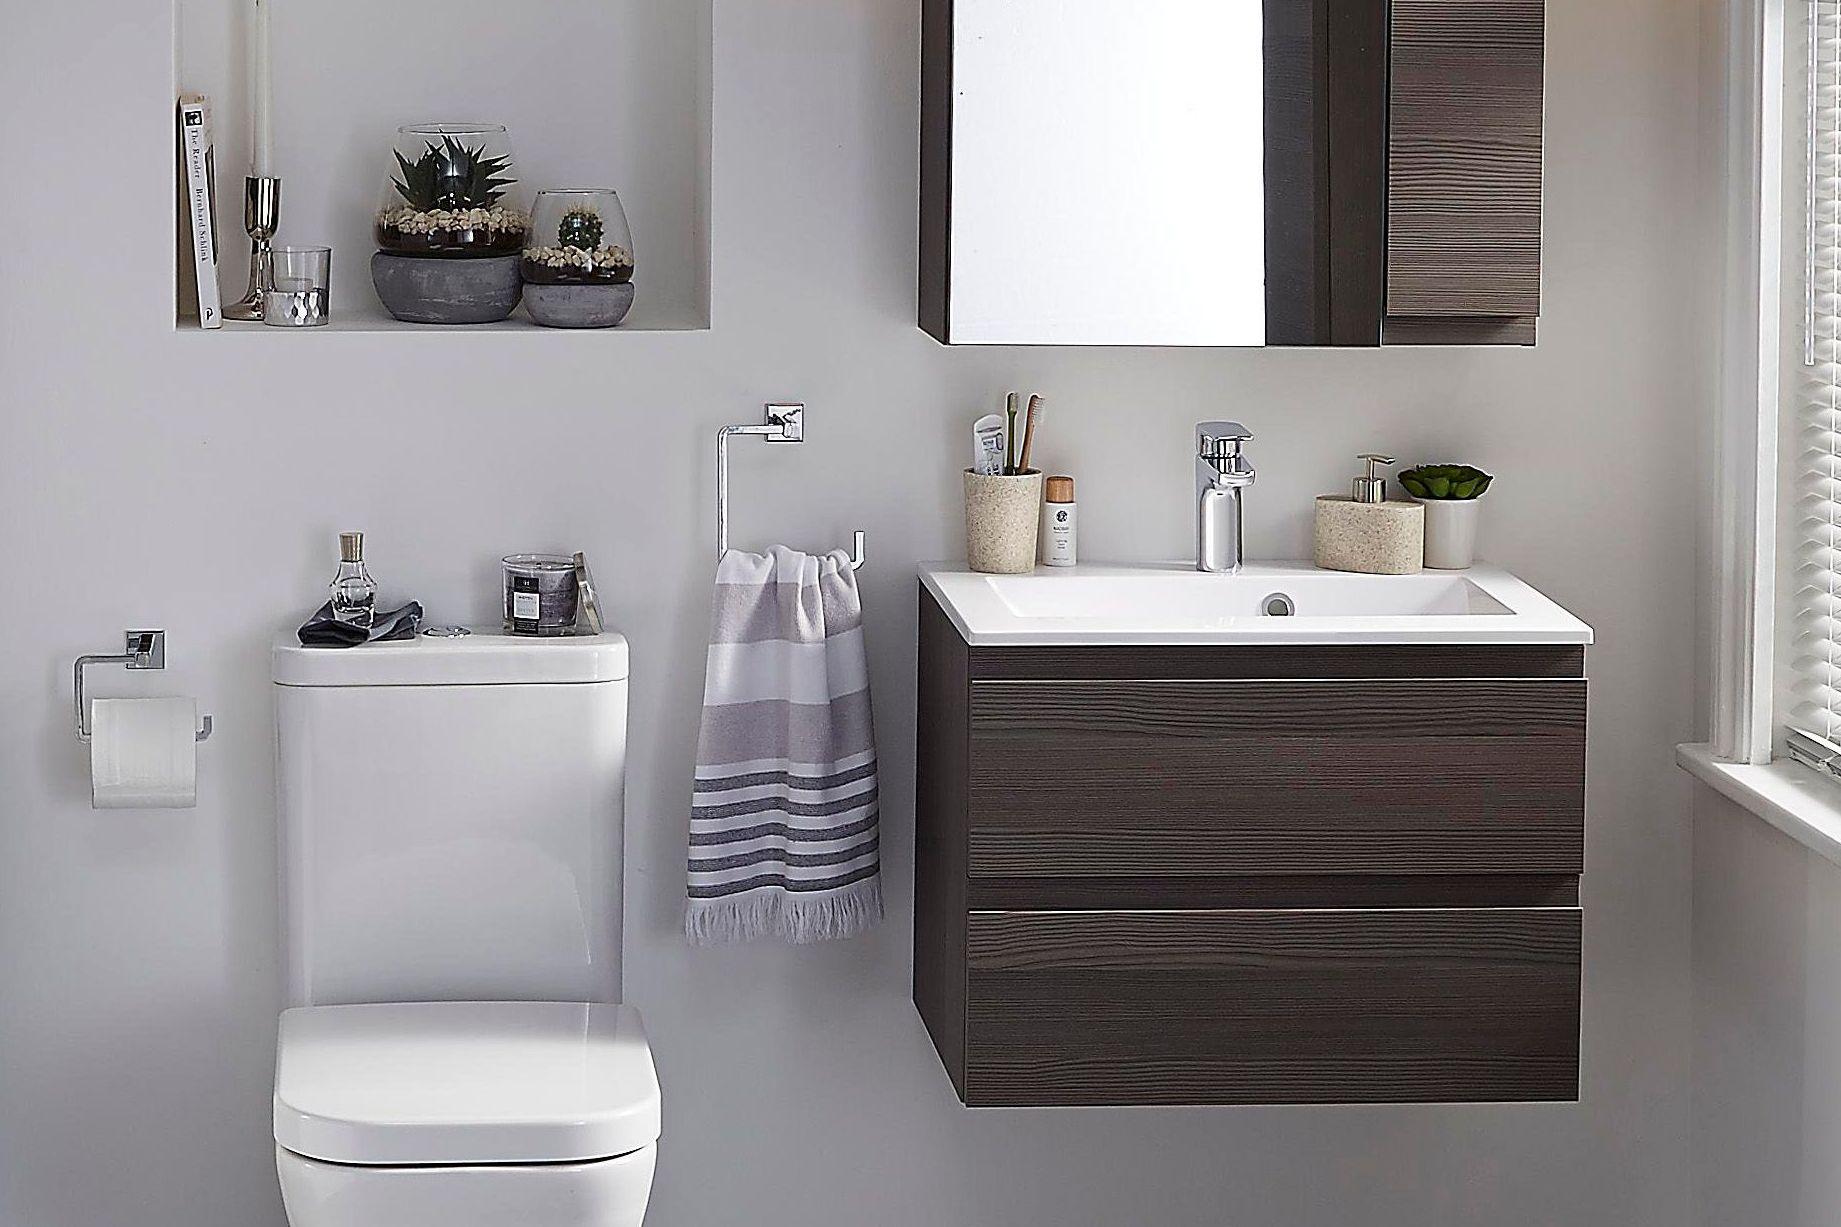 small bathroom ideas ideas advice diy at b q rh diy com small bathroom shower ideas small bathroom tile ideas